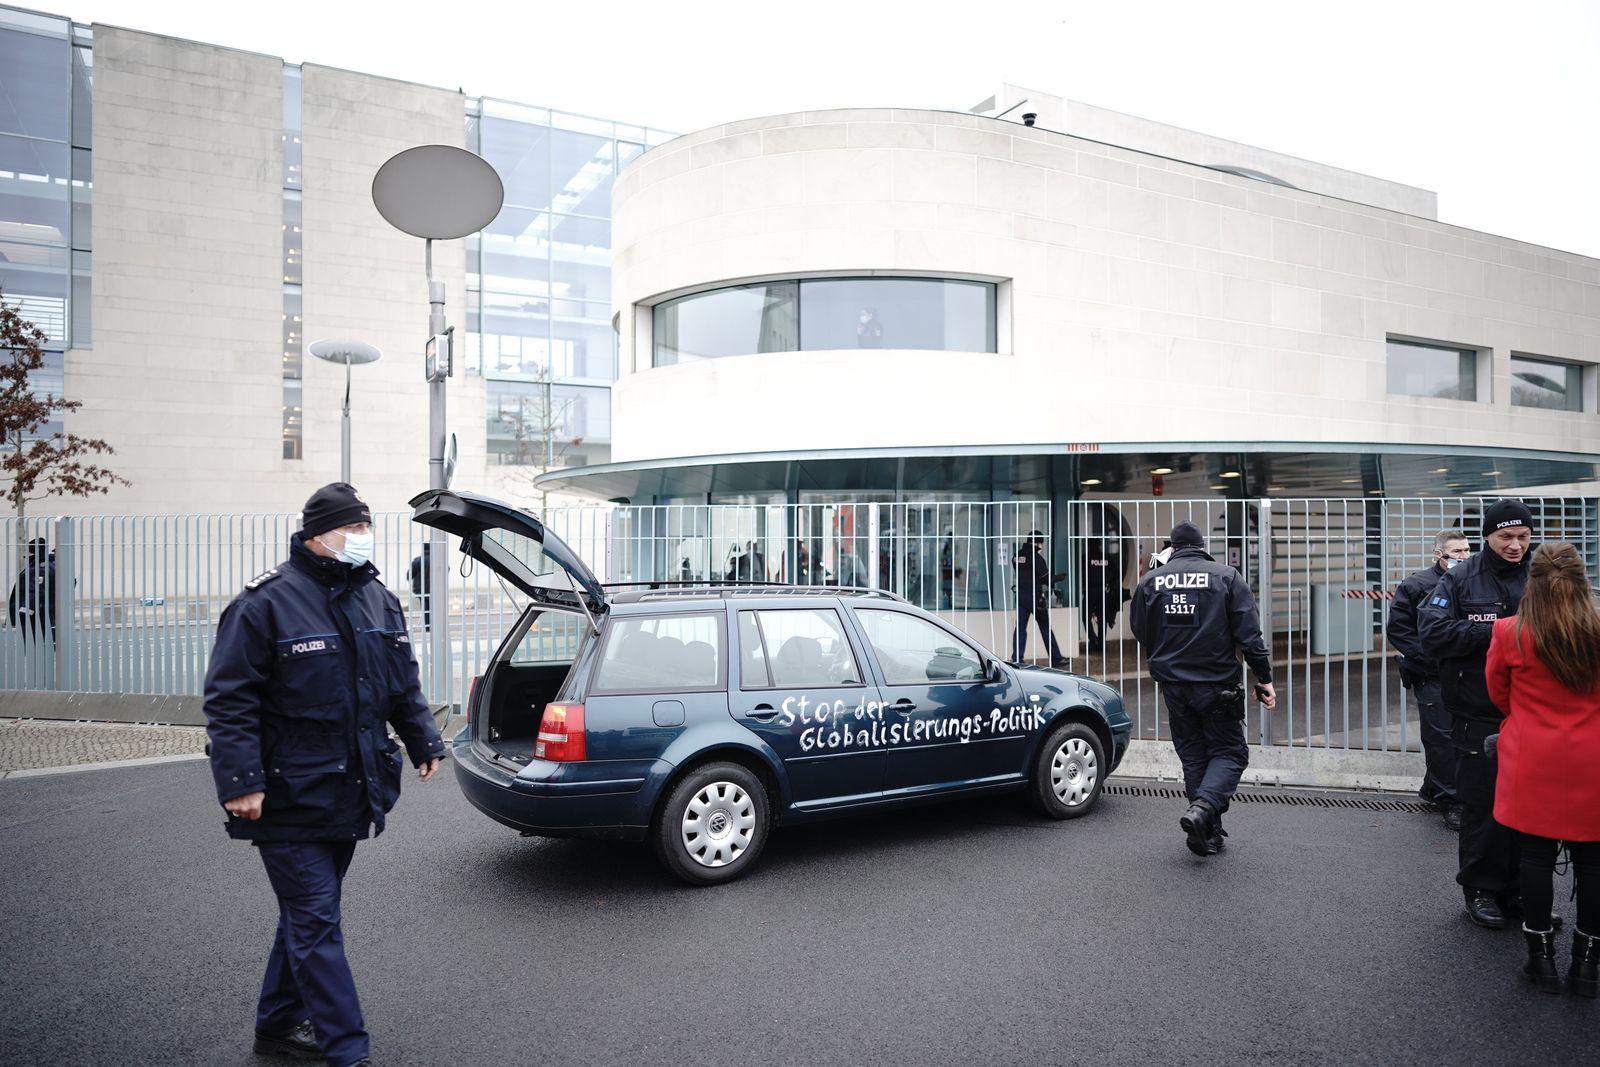 PKW Protest vor Bundeskanzleramt